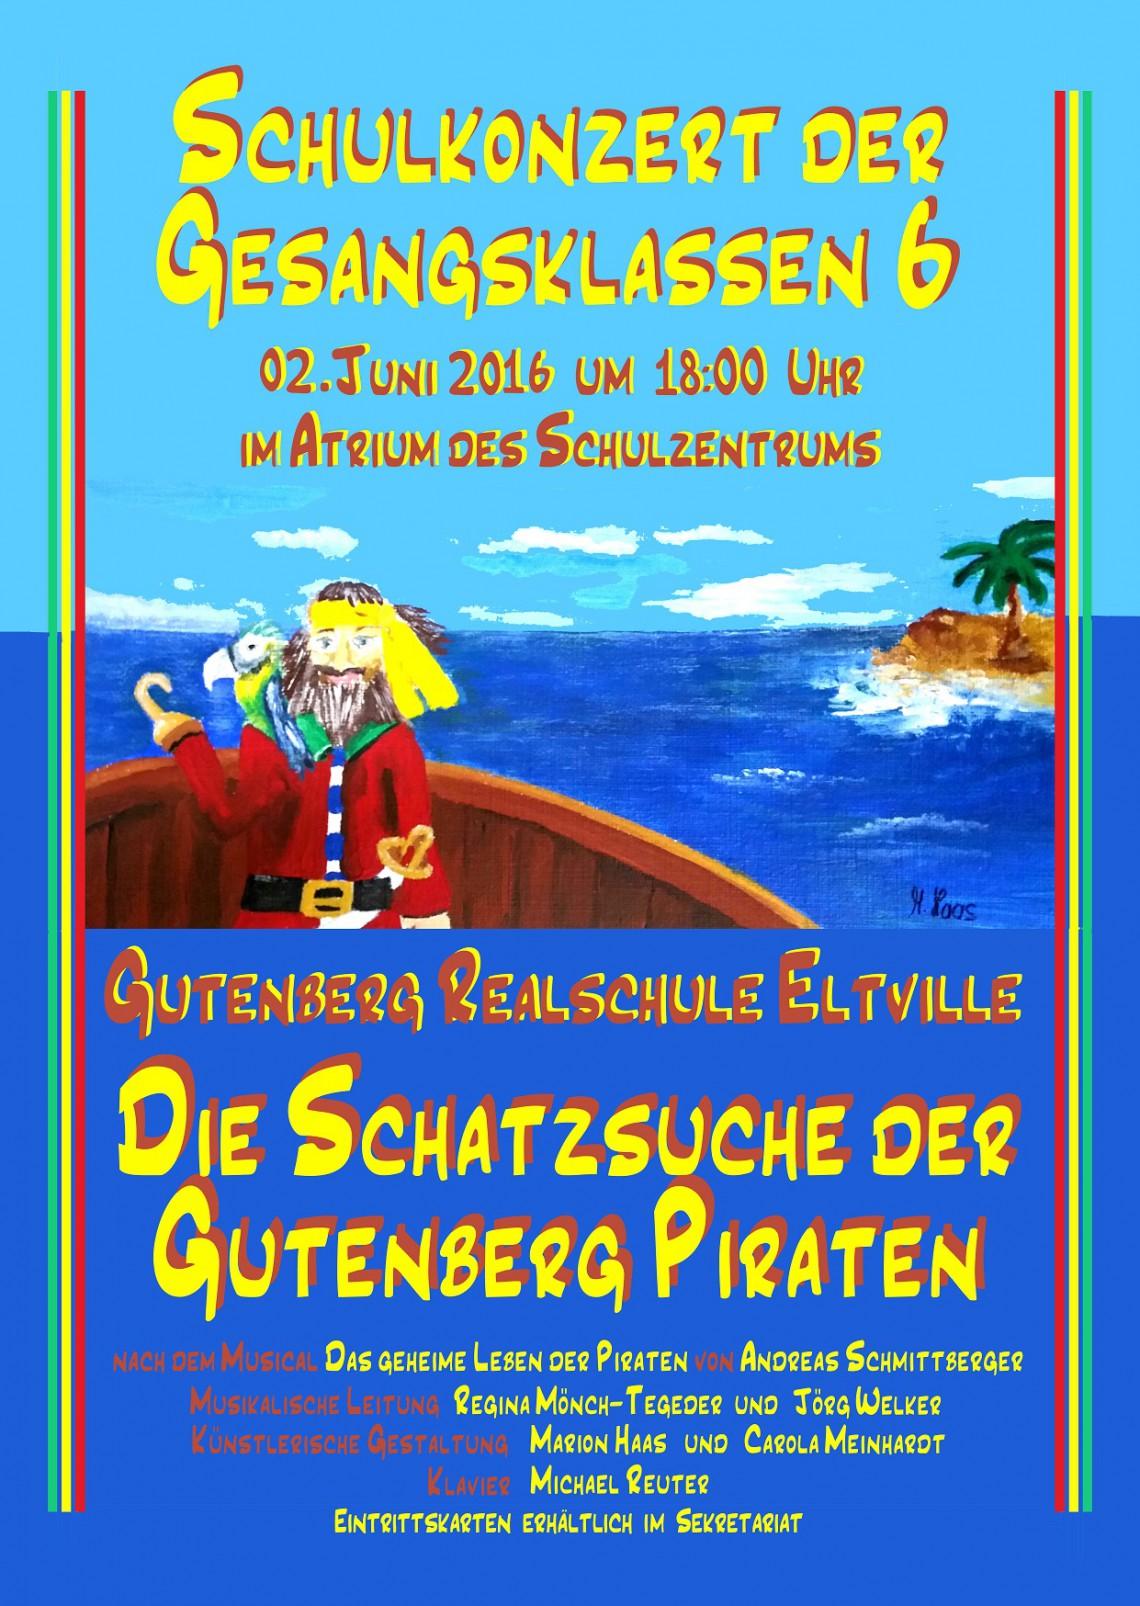 Druckvorlage Plakat Piraten 2016 klein